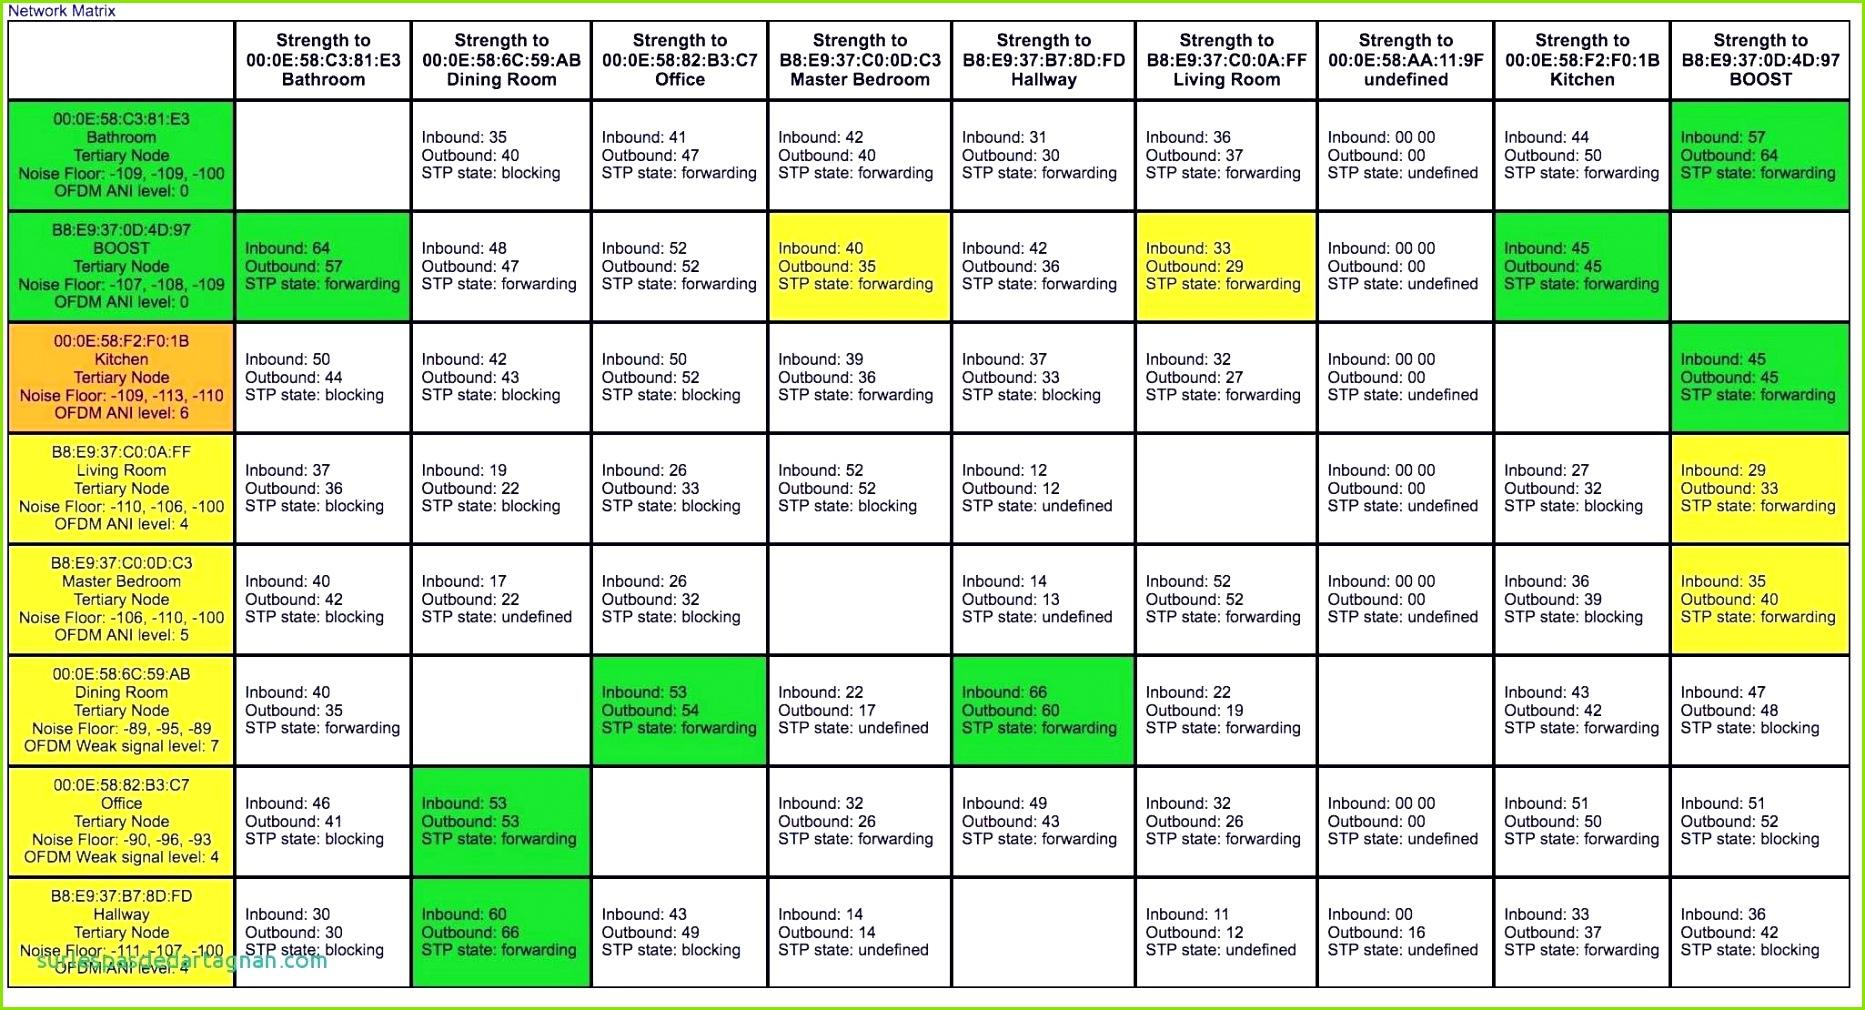 Stundenplan Vorlage Grundschule Frisch Stundenplan Vorlage Zum Ausdrucken Einzigartig Excel Stundenplan Fotografieren